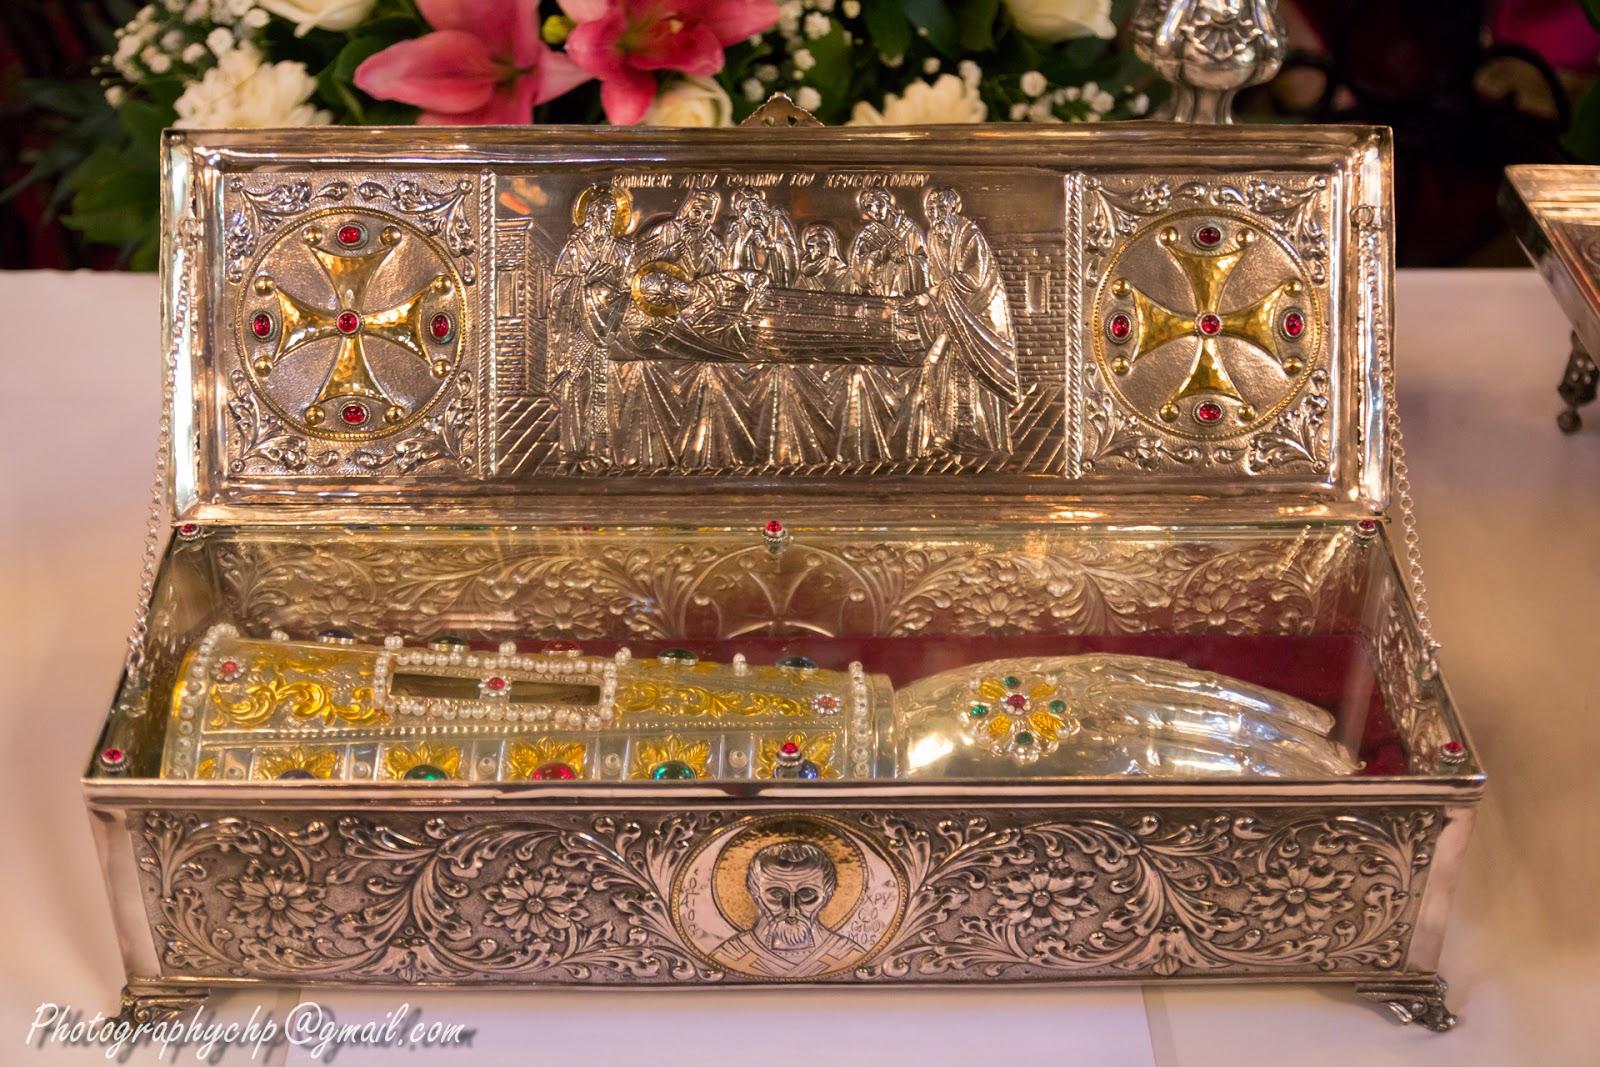 Λείψανα της Ιεράς Μονής Αγίων Αυγουστίνου Ιππώνος και Σεραφείμ του Σάρωφ σε ιερά περιοδεία http://leipsanothiki.blogspot.be/